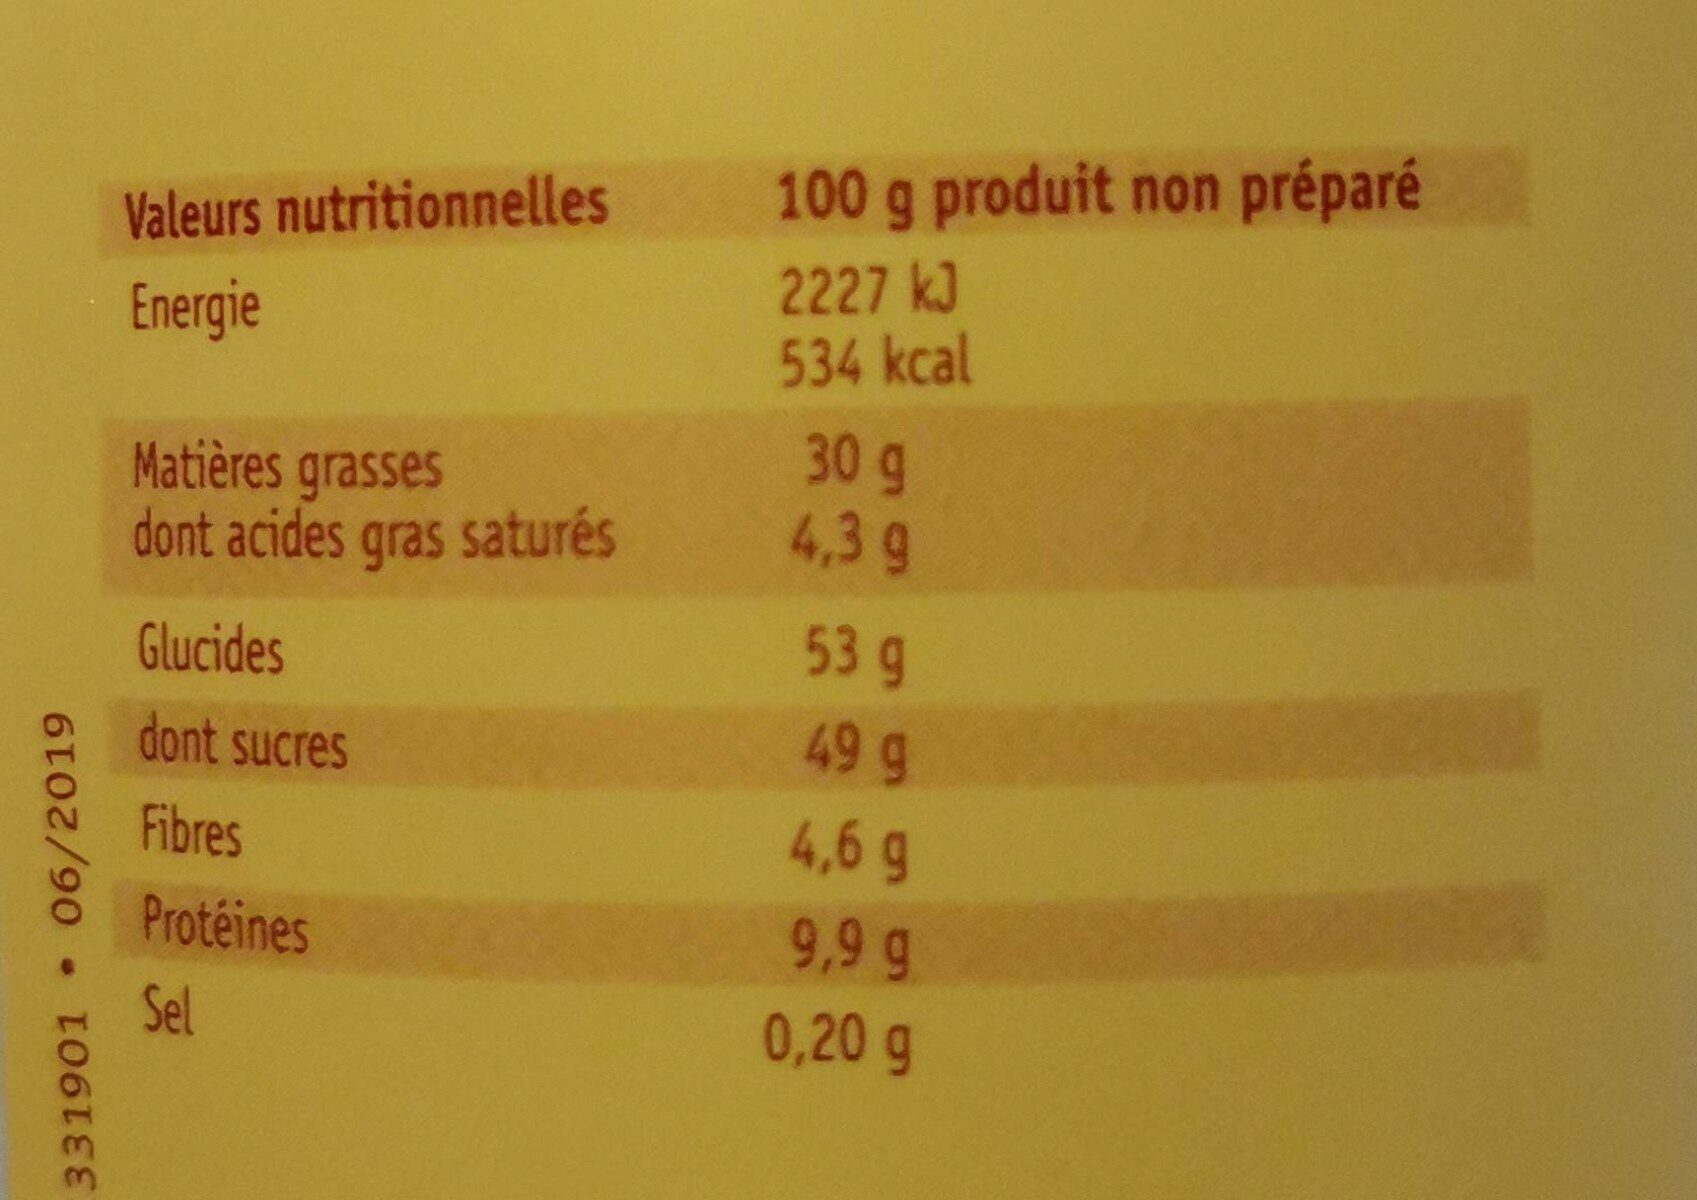 Pistache , pâte aromatique colorée pour glaces et pâtisseries - Informations nutritionnelles - fr